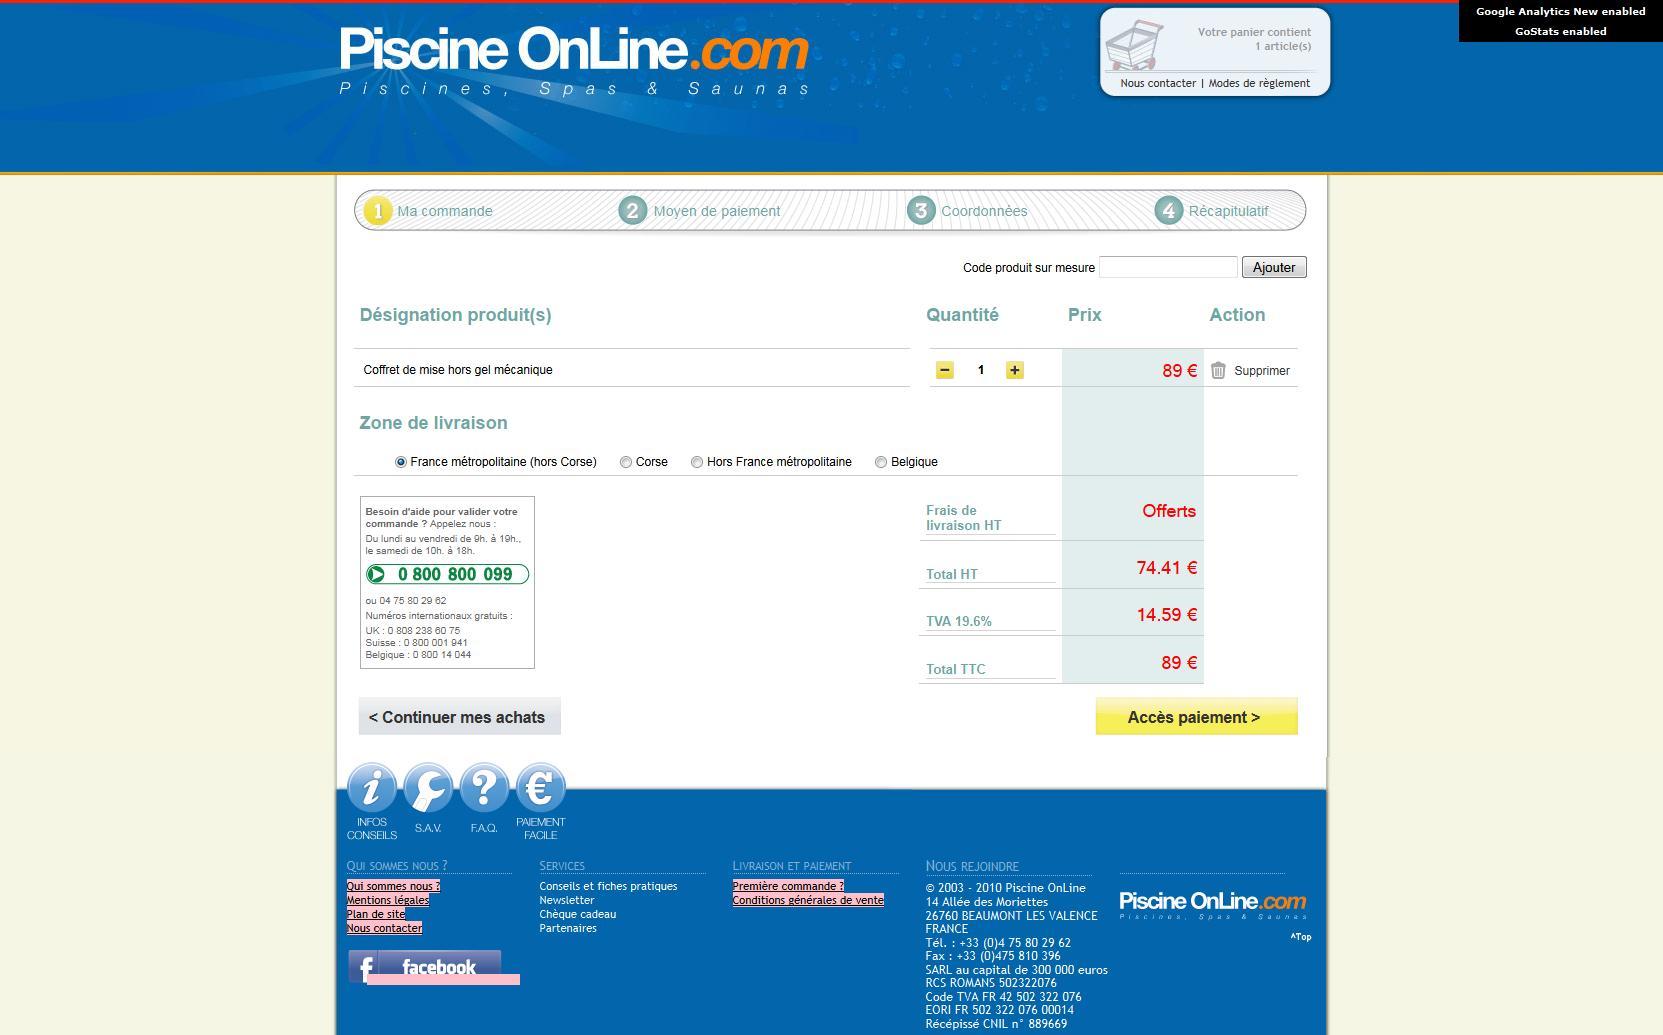 6 exemples de page panier for Piscine online